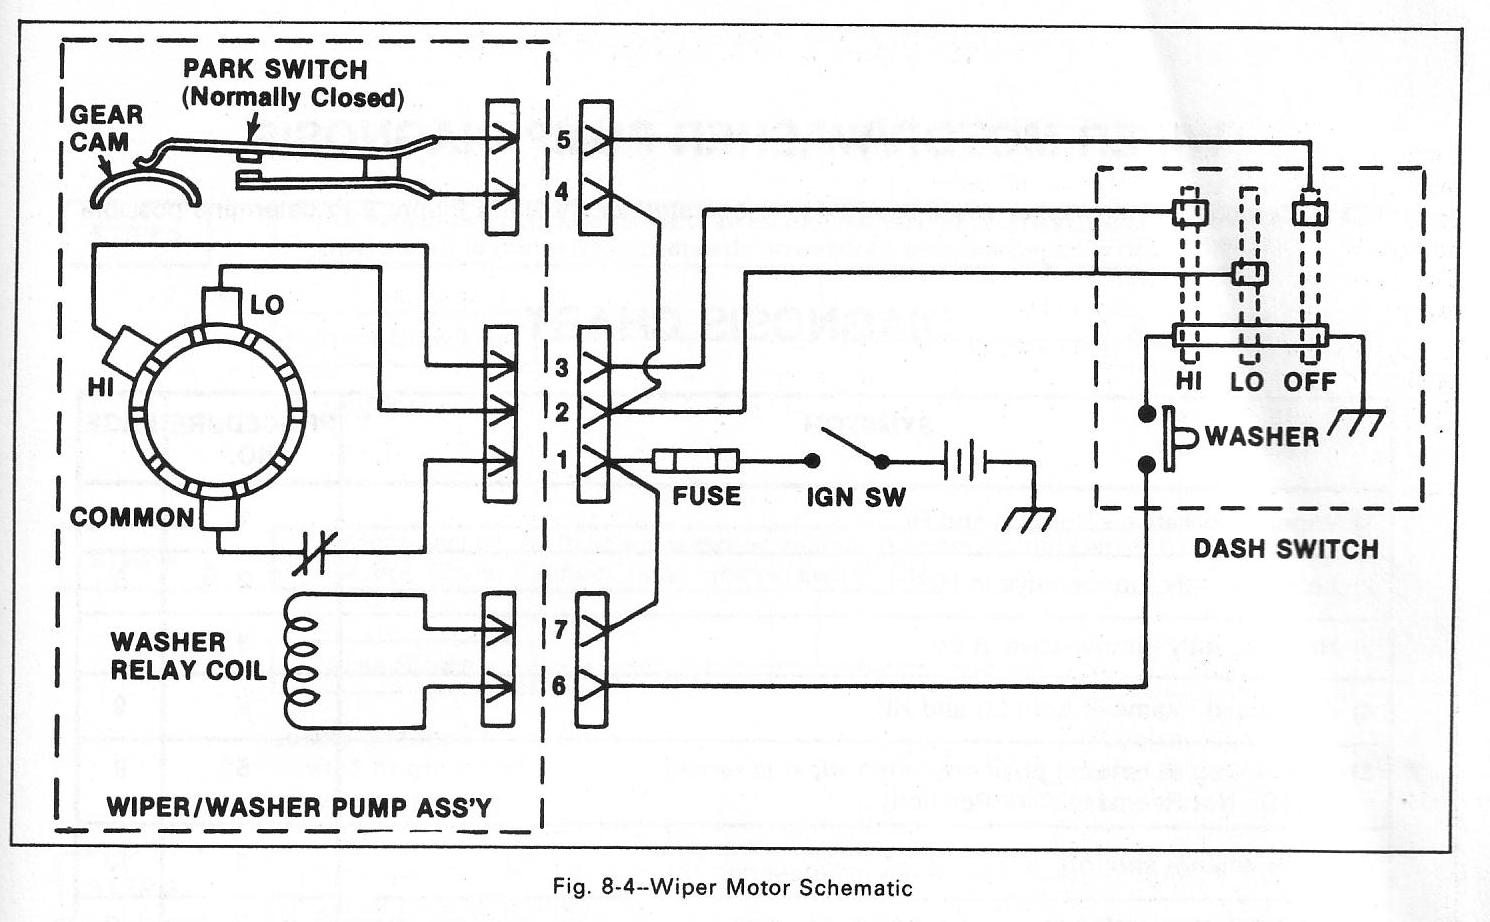 Fabulous 1973 Ford Capri Wiring Diagram Get Free Image About Wiring Diagram Wiring Cloud Counpengheilarigresichrocarnosporgarnagrebsunhorelemohammedshrineorg